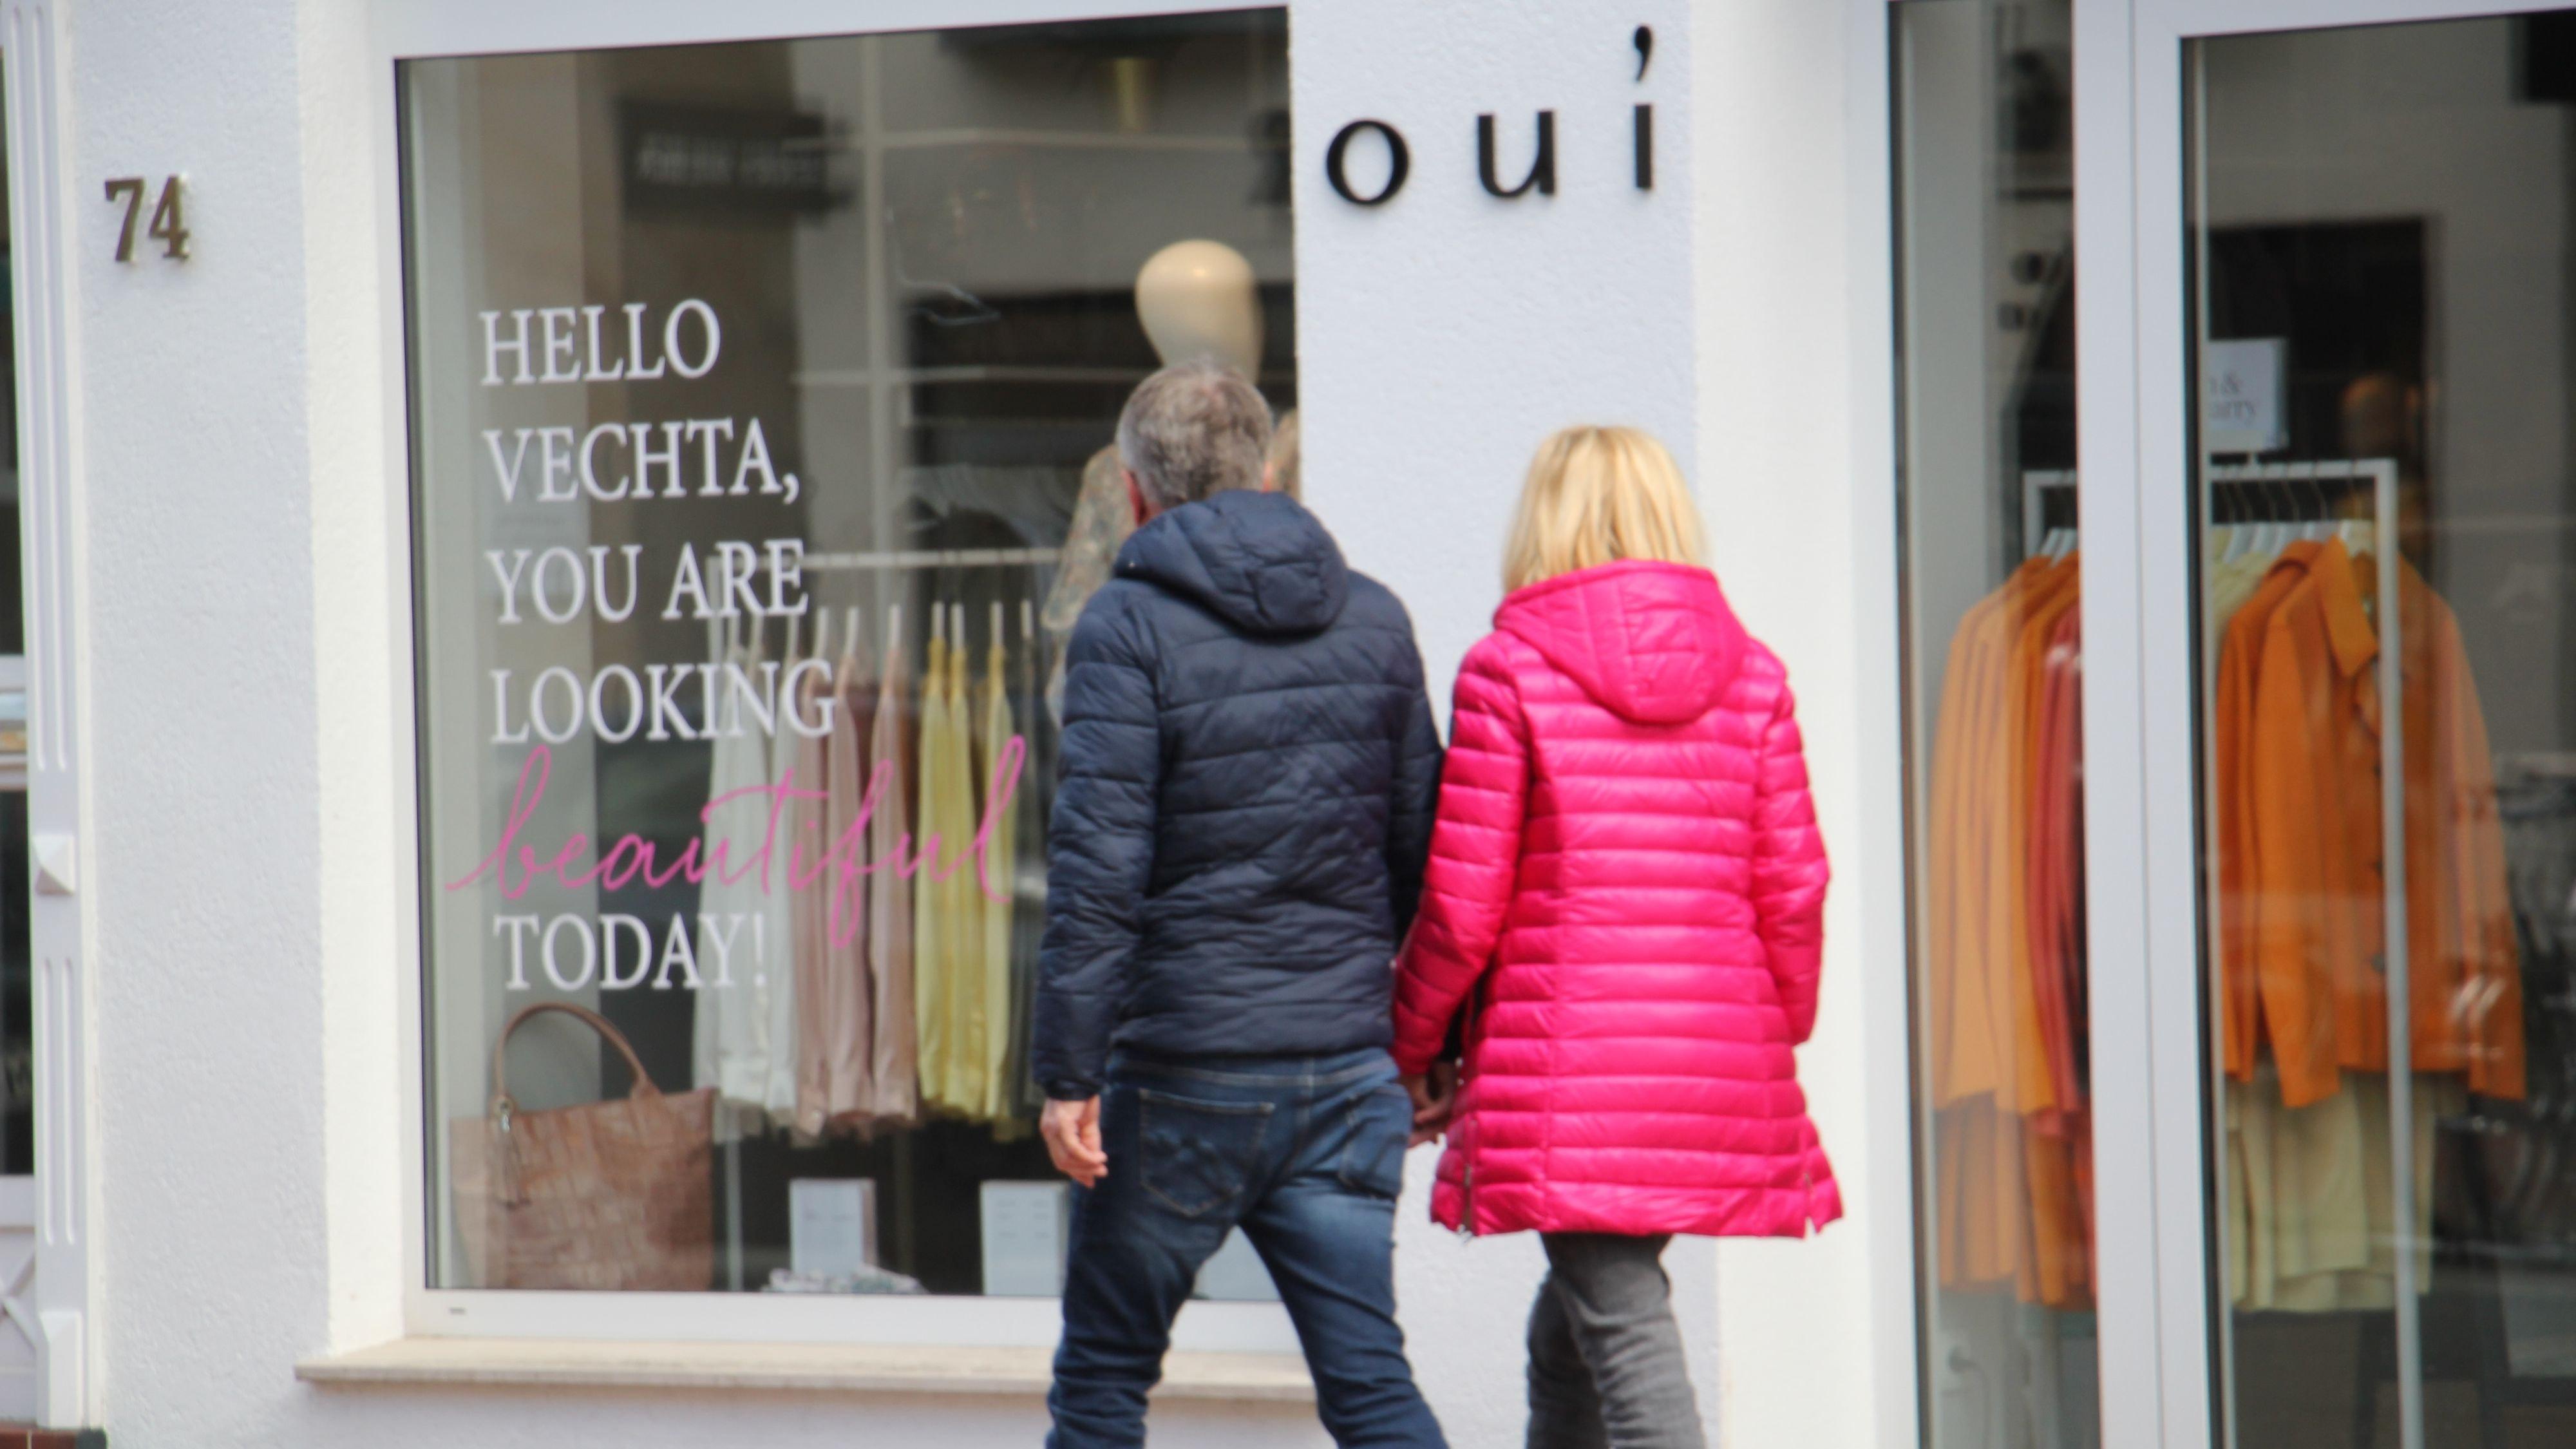 Beim Schaufensterbummel soll es nicht bleiben. Wenn sich die Inzidenzzahlen weiter so positiv entwickeln, können die Geschäfte, wie hier auf der Großen Straße in Vechta, in wenigen Tagen ihre Türen öffnen. Foto: Speckmann